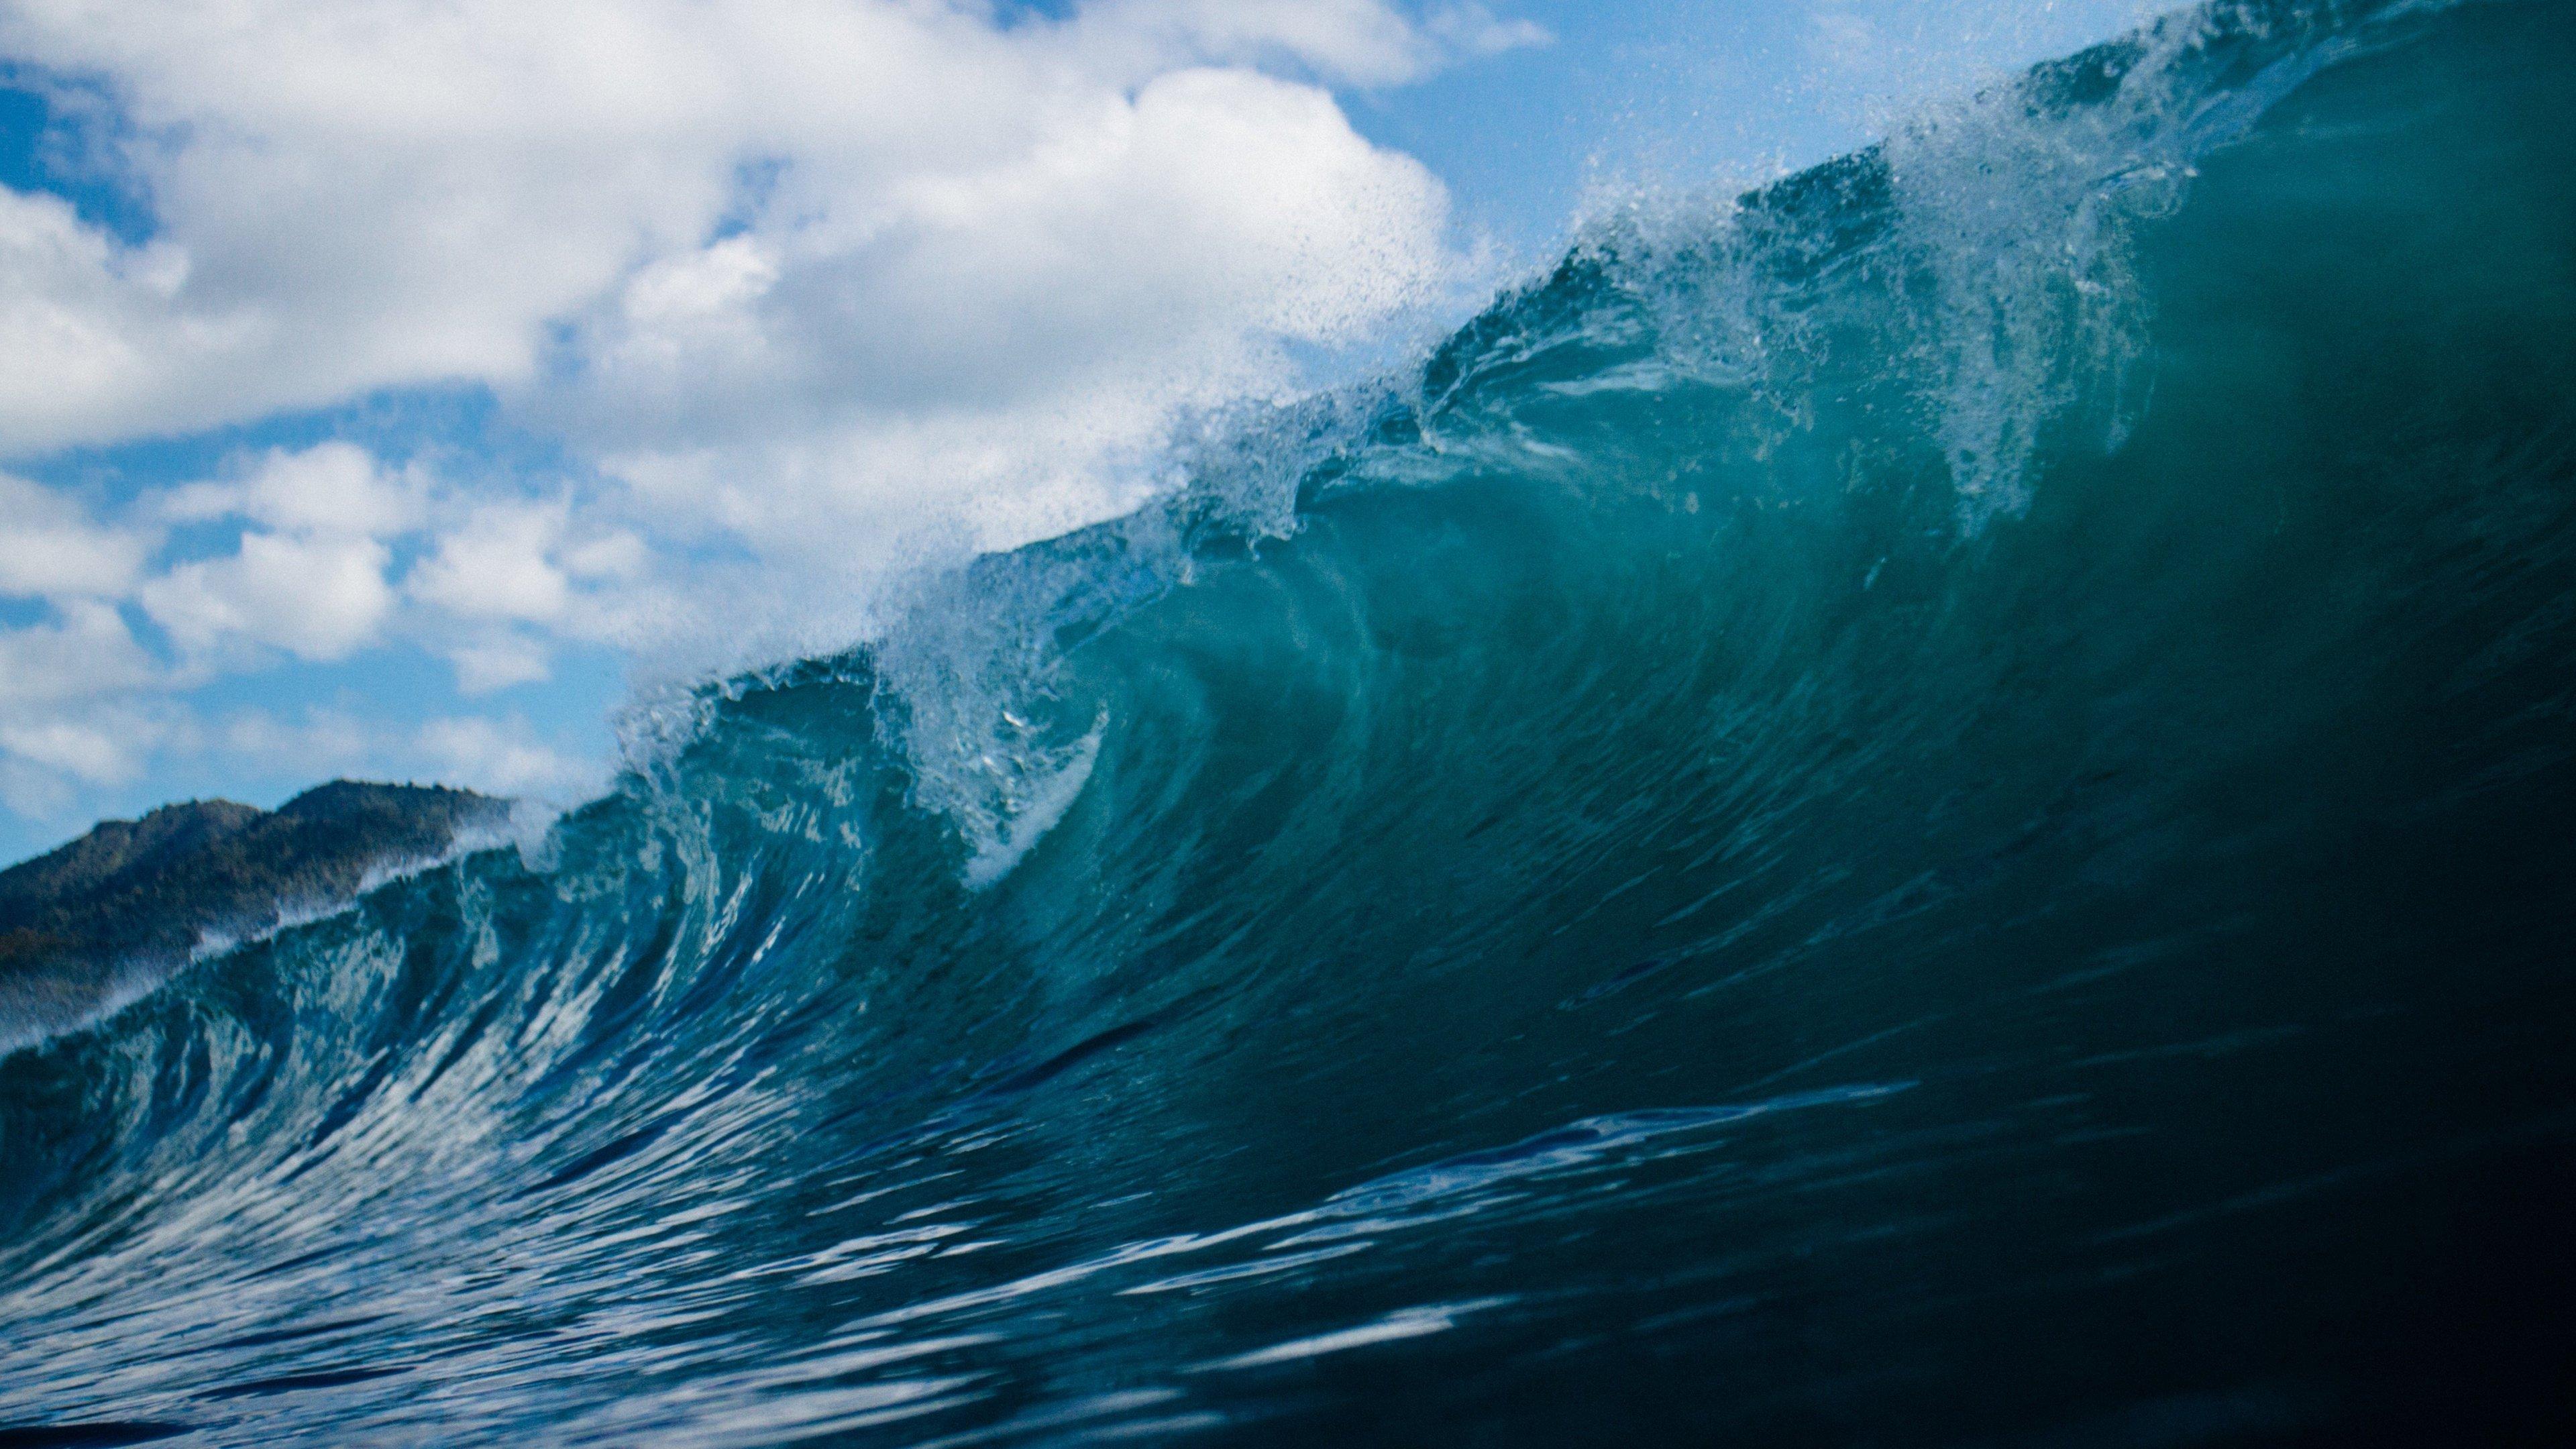 Iphone 8 Plus X Ray Wallpaper Ocean Wave 4k Ultra Hd Wallpaper Sfondi 3840x2160 Id